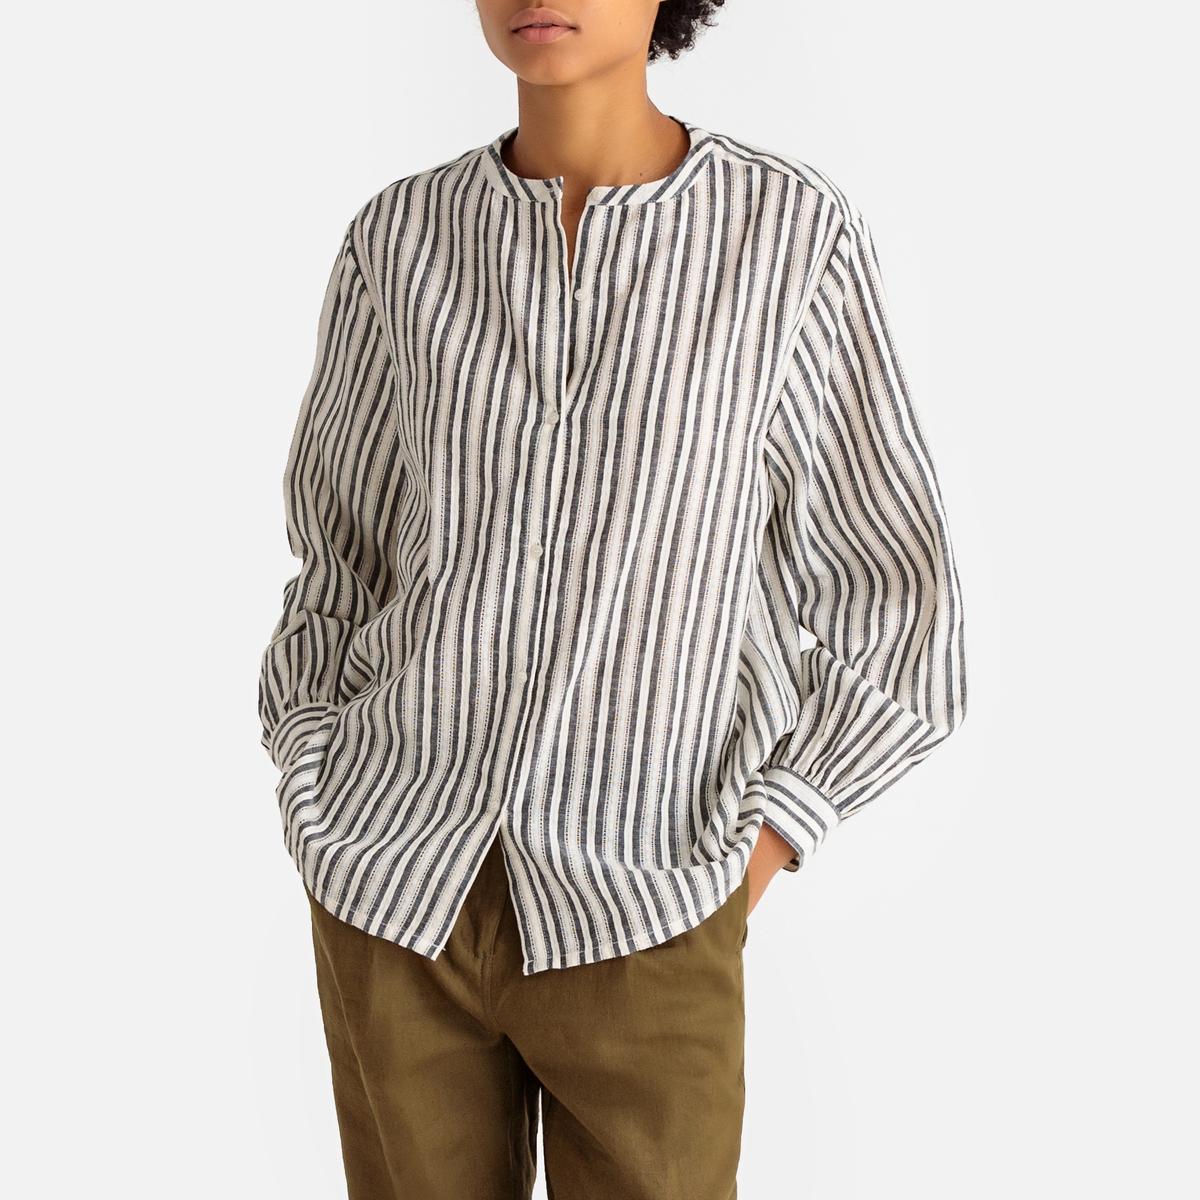 Camisa con cuello redondo a rayas, de manga larga